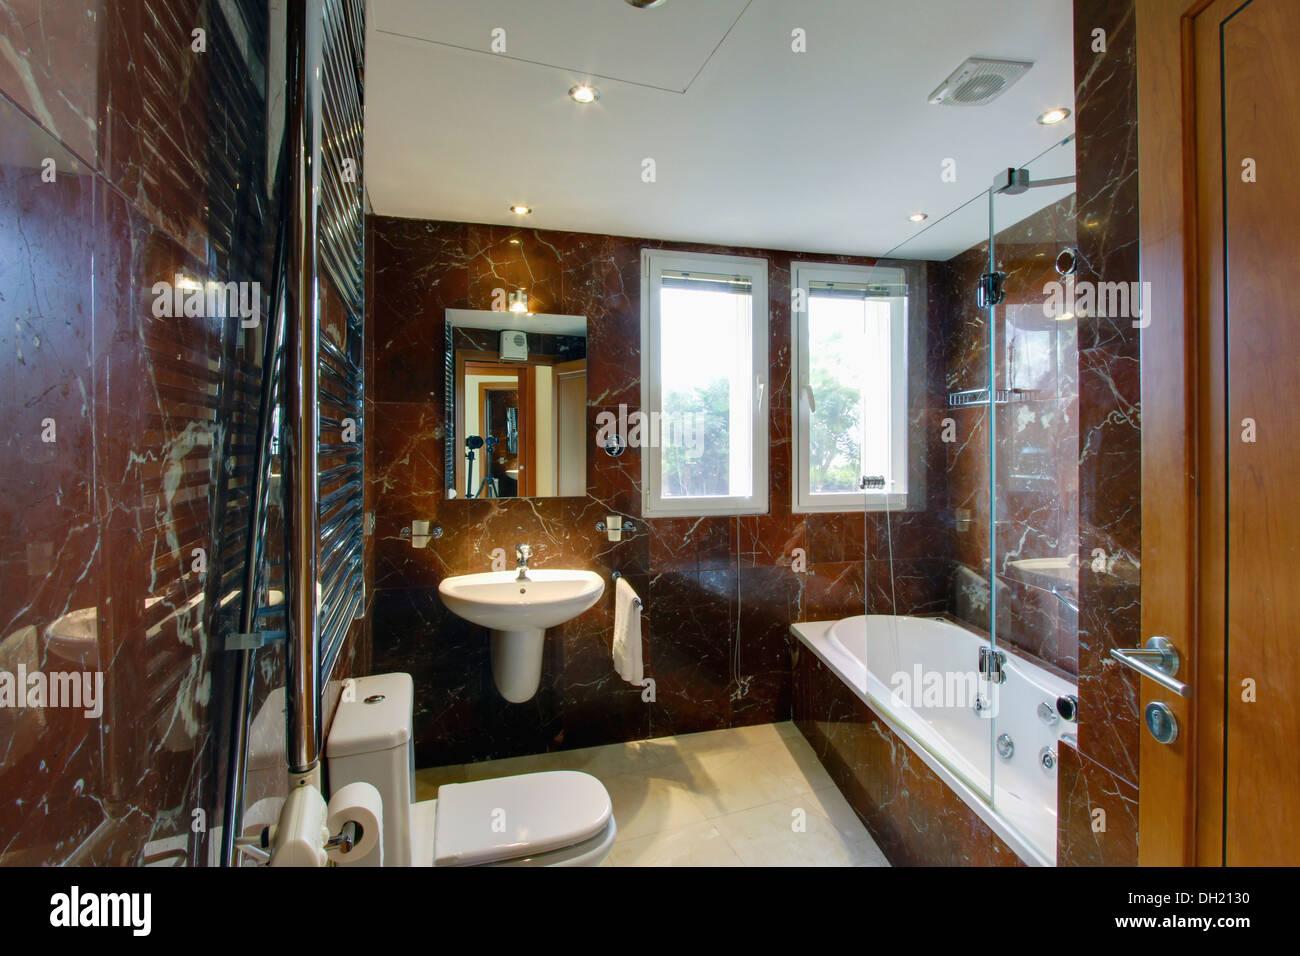 Bagno Marrone Moderno : Moderno in marmo marrone spagnolo bagno con specchio illuminato